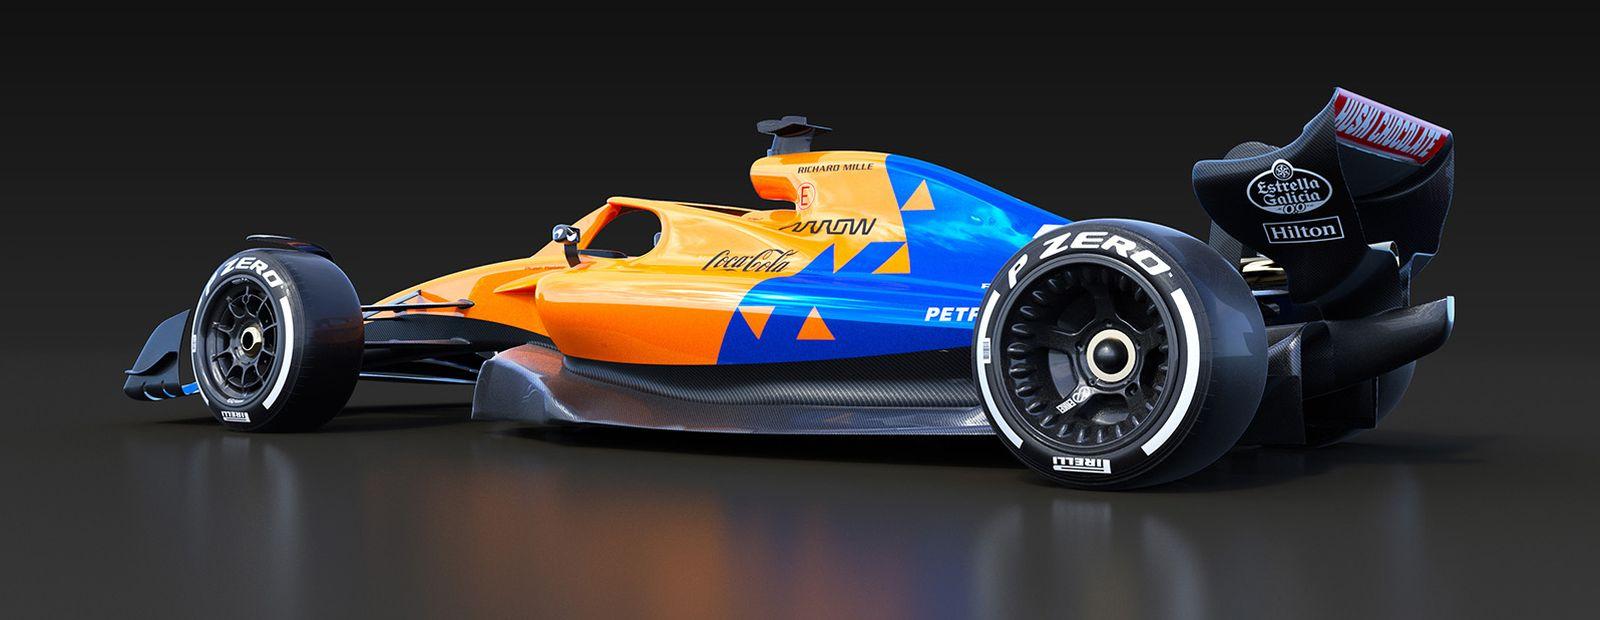 McLaren Racing   A new era of Formula 1 1600x620